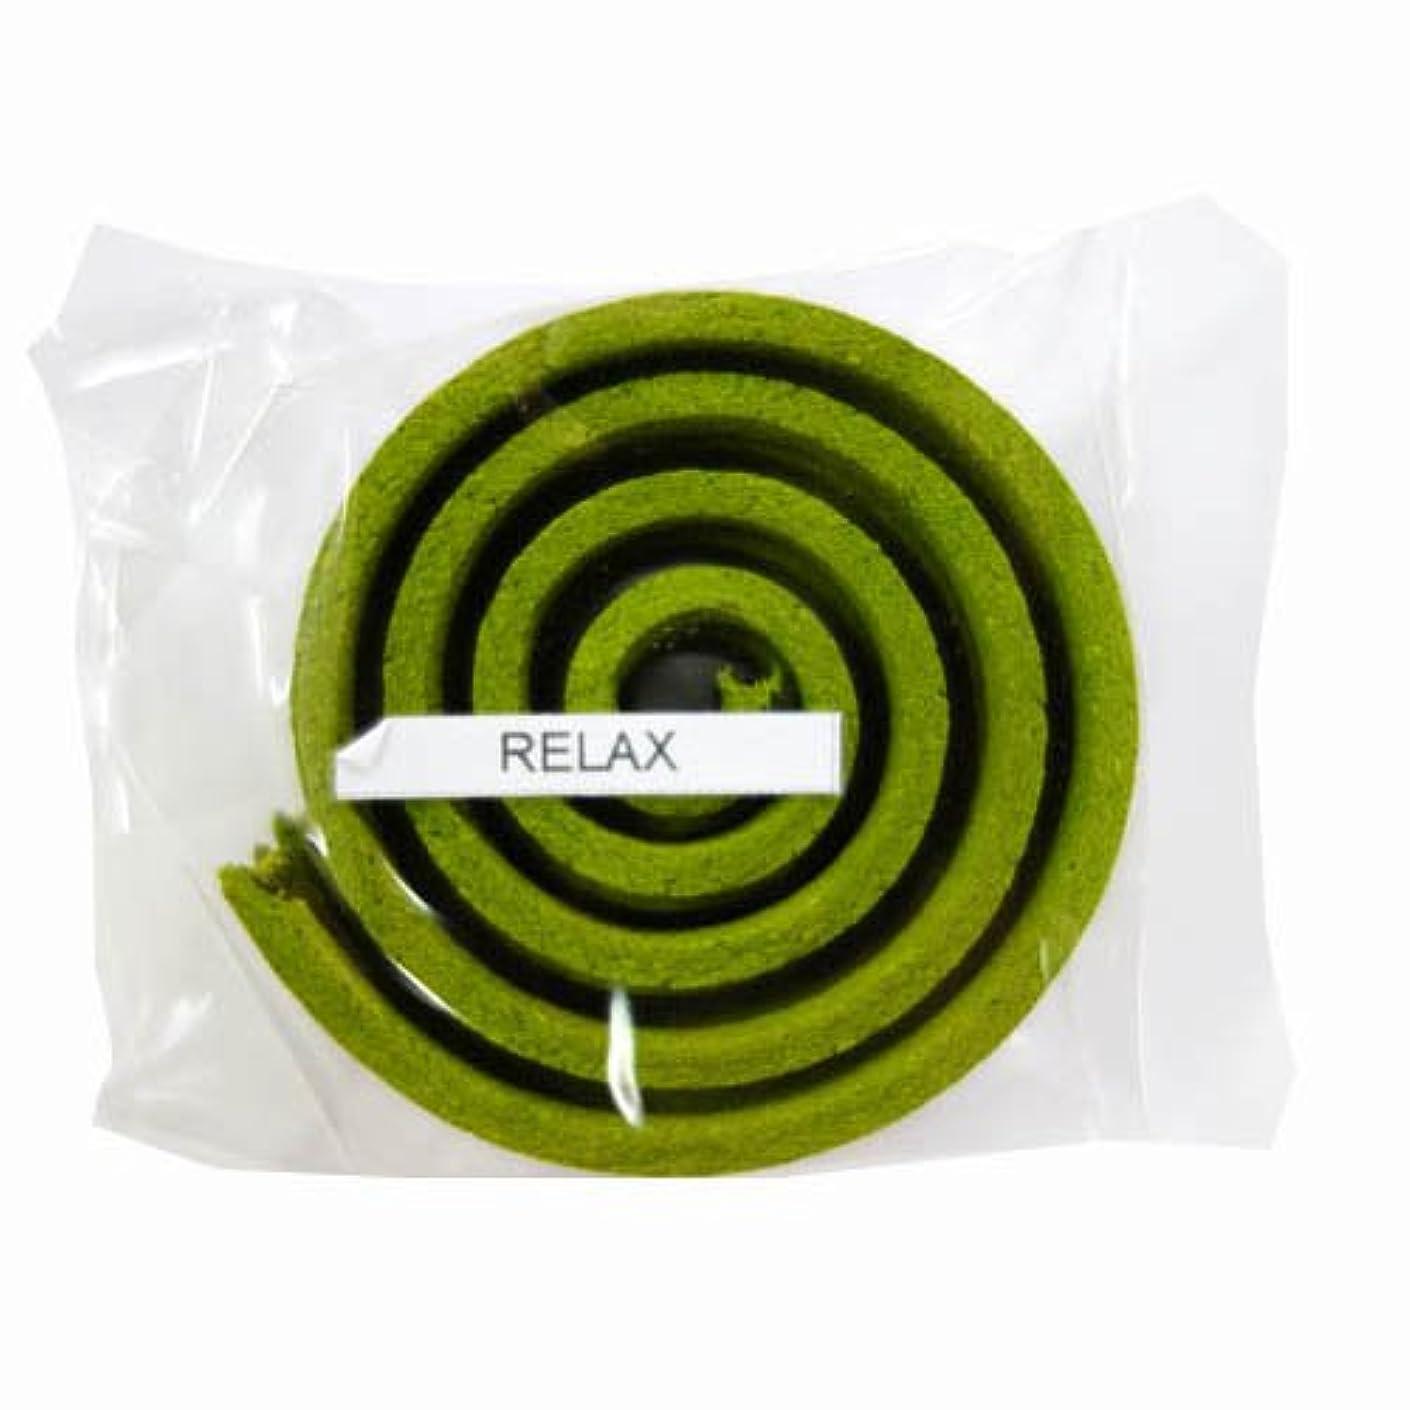 フルーツ野菜櫛マイルドお香/うずまき香 RELAX リラックス 直径5cm×5巻セット [並行輸入品]